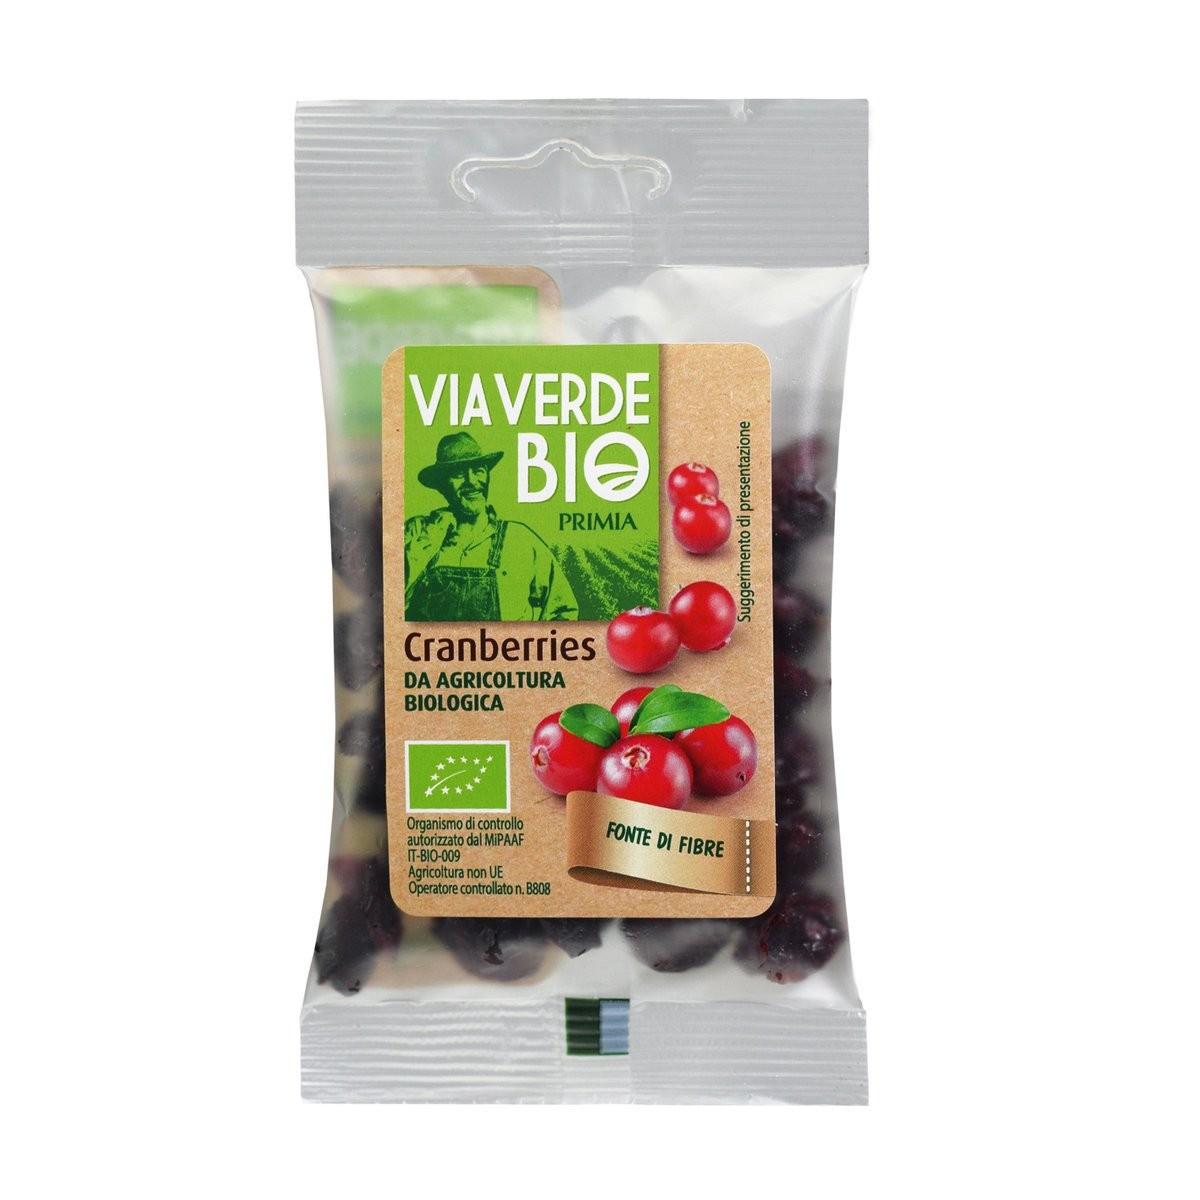 Primia Cranberries Via Verde Bio